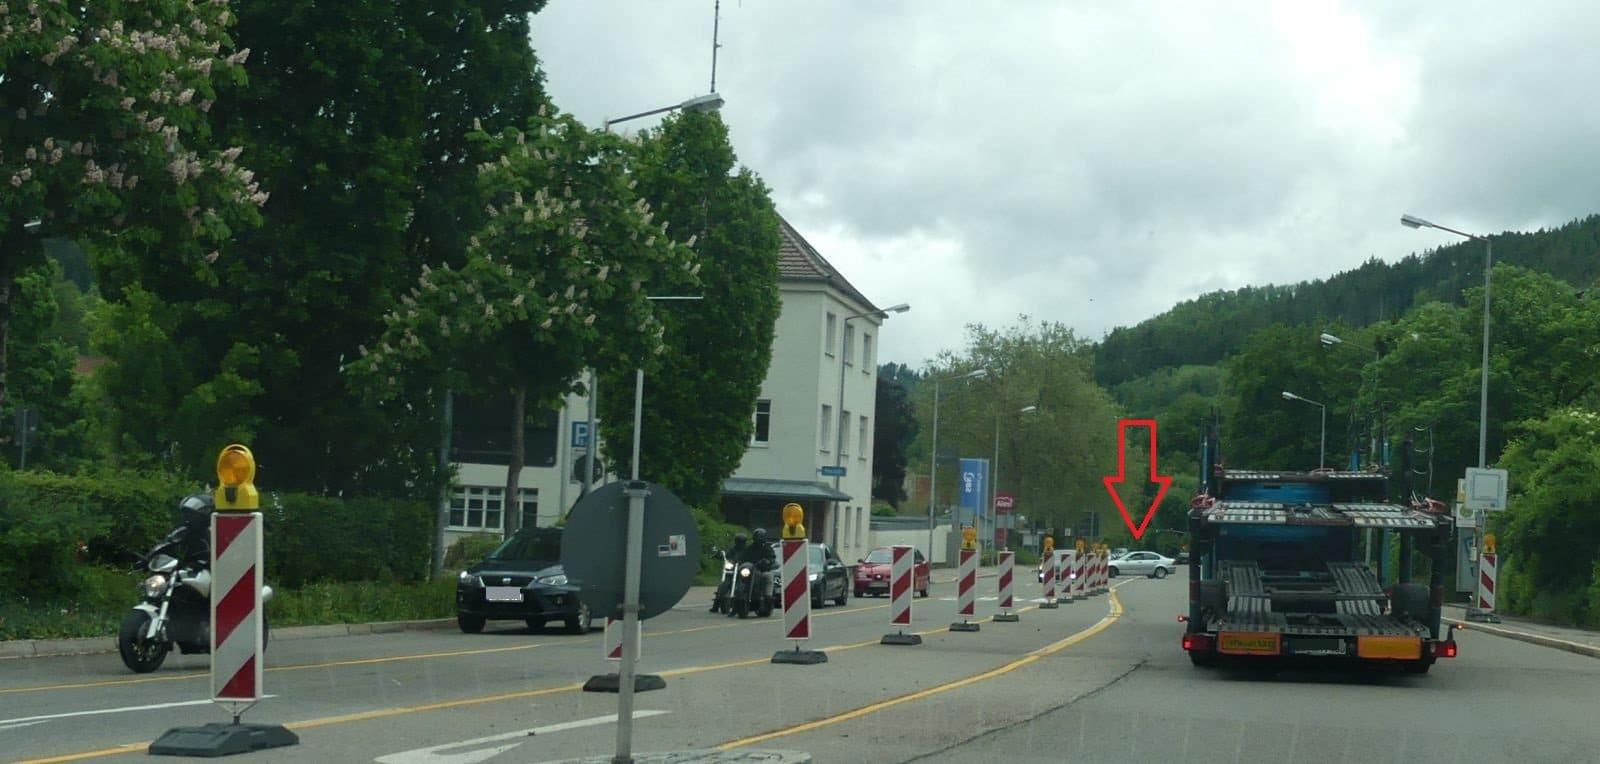 Ein Autofahrer (Pfeil) wählt den kürzeren Weg und wendet beim Polizeirevier statt die ausgeschilderte Strecke  um das Kaufland zu fahren. Fotos: him